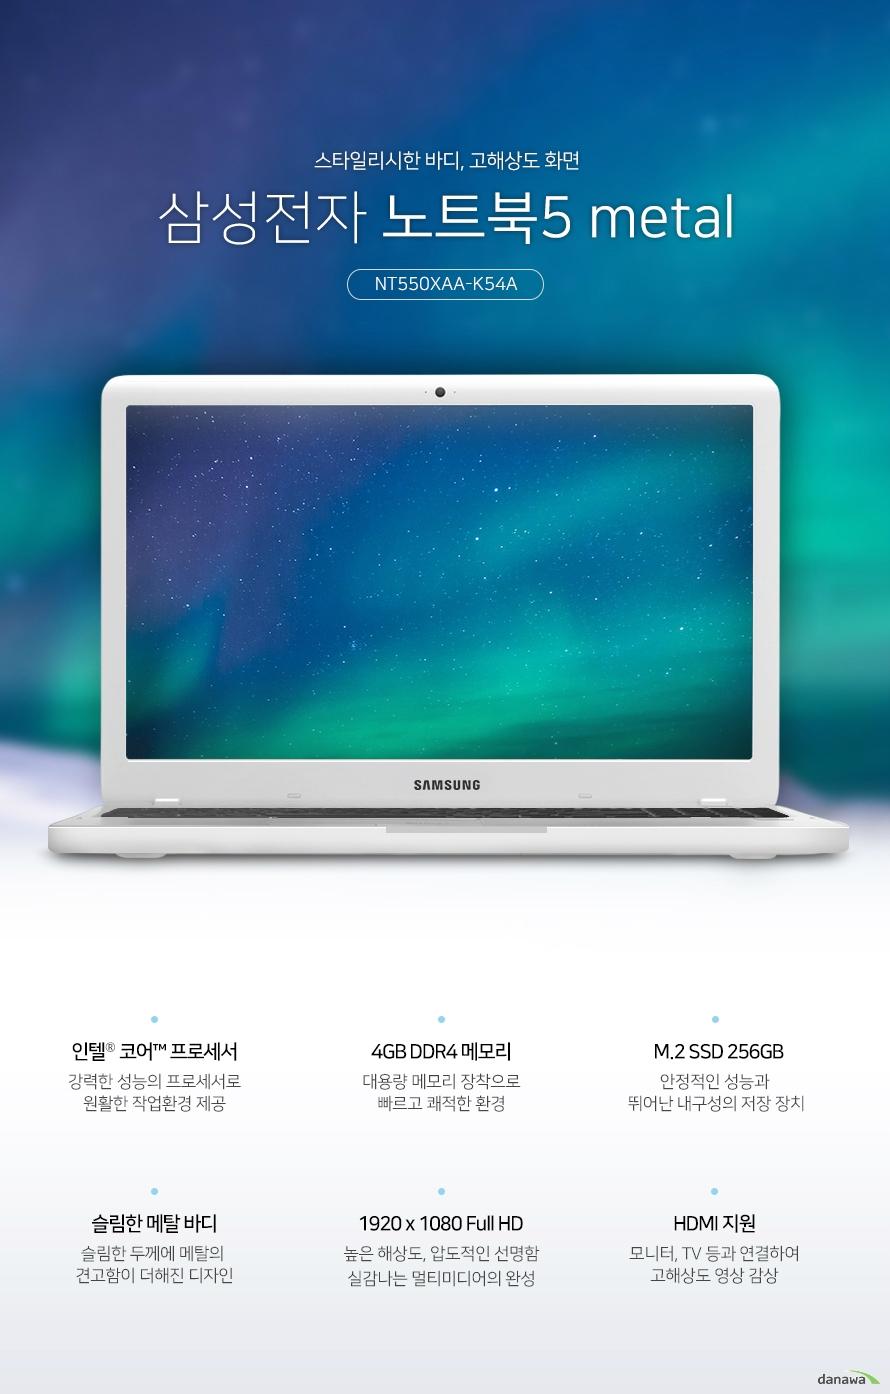 스타일리시한 바디, 고해상도 화면 삼성전자 노트북5 metal 인텔 코어 프로세서 강력한 성능의 프로세서로 원활한 작업환경 제공   ddr4 메모리  대용  량 메모리 장착으로 빠르고 쾌적한 환경  저장장치 안정적인 성능과 뛰어난 내구성의 저장  장치  슬림한 메탈바디 슬림한 두께에 메탈의 견고함이 더해진 디자인 1920 x1080 full HD   높은 해상도 압도적인 선명함 실감나는 멀티미디어의 완성    hdmi지원 모니터 TV등과 연  결하여 고해상도 영상 감상 내구성까지 뛰어난 스타일리시한 메탈바디 가볍고 슬림한 디자  인으로 간편하게 휴대하며 사용할 수 있으며, 견고한 메탈바디로 내구성이 뛰어나 어디에  서나 안심하고 사용할 수 있습니다.   놀랍도록 선명한,풍부한 색감과 실감나는 화면 넓은   화면 크기와 높은 해상도로 실감나는 영상을  즐기세요. 뛰어난 화면 퀄리티로 경험해보지   못한 새로운 화면을 선사합니다.   Full-HD 디스플레이 1920 x 1080 고해상도의 섬세하고   사실적인 표현으로 게임과 영화 등 멀티미디어에서 실감나는 영상과 이미지를 경험할 수   있습니다.  뛰어난 성능의 CPU 인텔 펜티엄 프로세서  인텔 프로세서는 이전 세대에 비해   더욱 빨라진 시스템 성능과 부드러워진  스트리밍 환경, 풍부한 텍스처와 생생한 그래픽의   HD 화면을 제공합니다.   더욱 향상된 성능, 4GB RAM 넉넉한 용량의 RAM 메모리로 빠른   환경을 구축하여 더욱 향상된 성능을 경험할 수 있습니다.     안정적인 성능의256GB ssd   더욱 빠른 속도의 정보 처리 능력을 제공함으로써 초고속 작업환경을 만들어줍니다.     고  해상도 영상을 대형화면으로 즐기세요. HDMI 포트를 기본으로 장착하여 1080p Full HD 영  상과 HD고음질 사운드를 지원합니다. 다양한 영상기기와 연결하여 대형화면으로 즐길 수   있습니다.   편리하고 정확한 조작감 치클릿 키보드 키와 키 사이에 간격이 있는 치클릿 키  보드를 장착하여 오타가 적고  정확한 타이핑을 할 수 있습니다 뛰어난 키감으로 사용감이   좋습니다.  다양한확장포트 사이즈  스펙